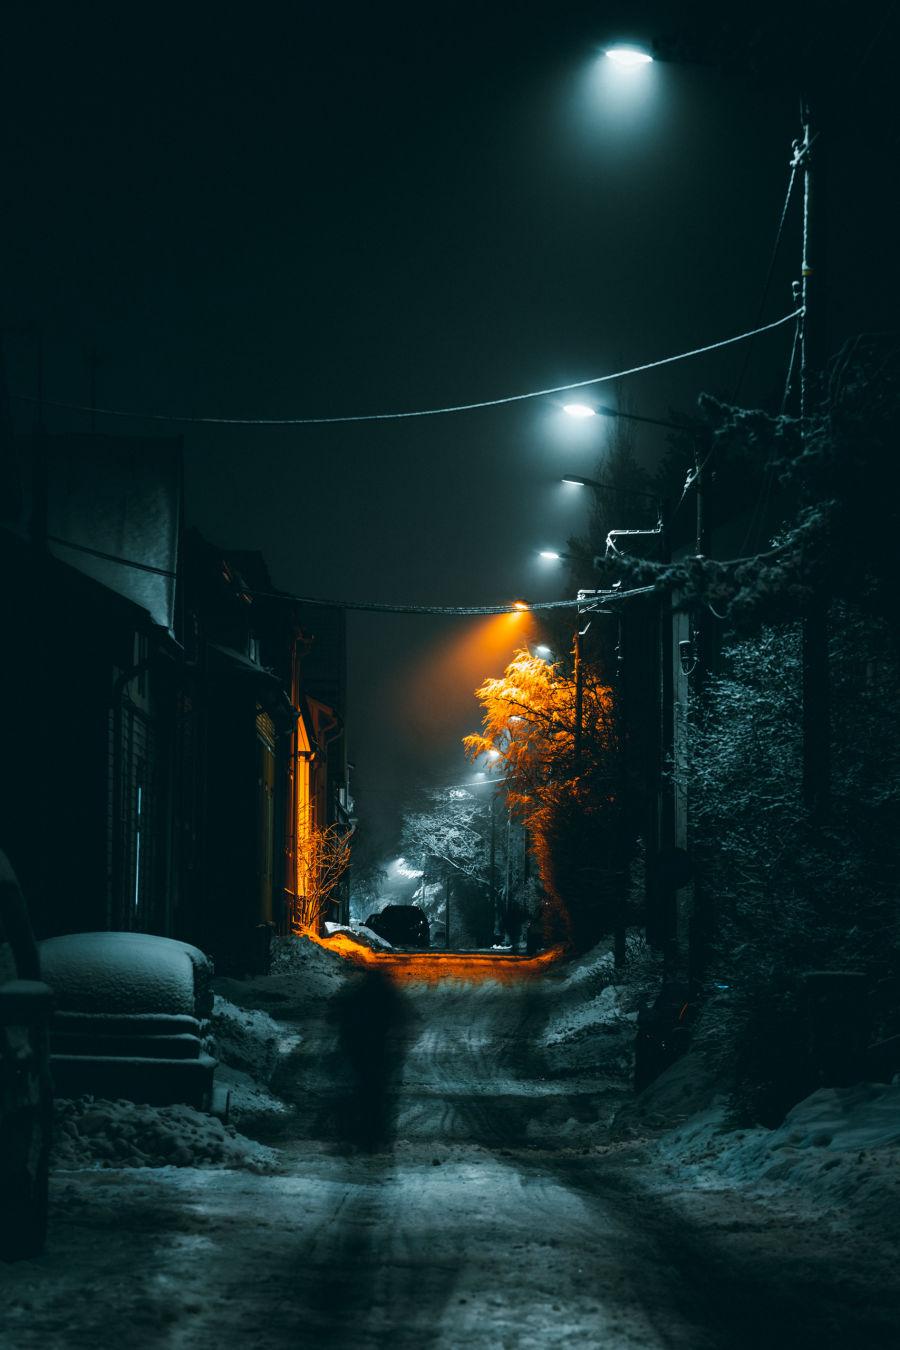 Tampereen Piispala yöllä talvella katuvalojen hohteessa